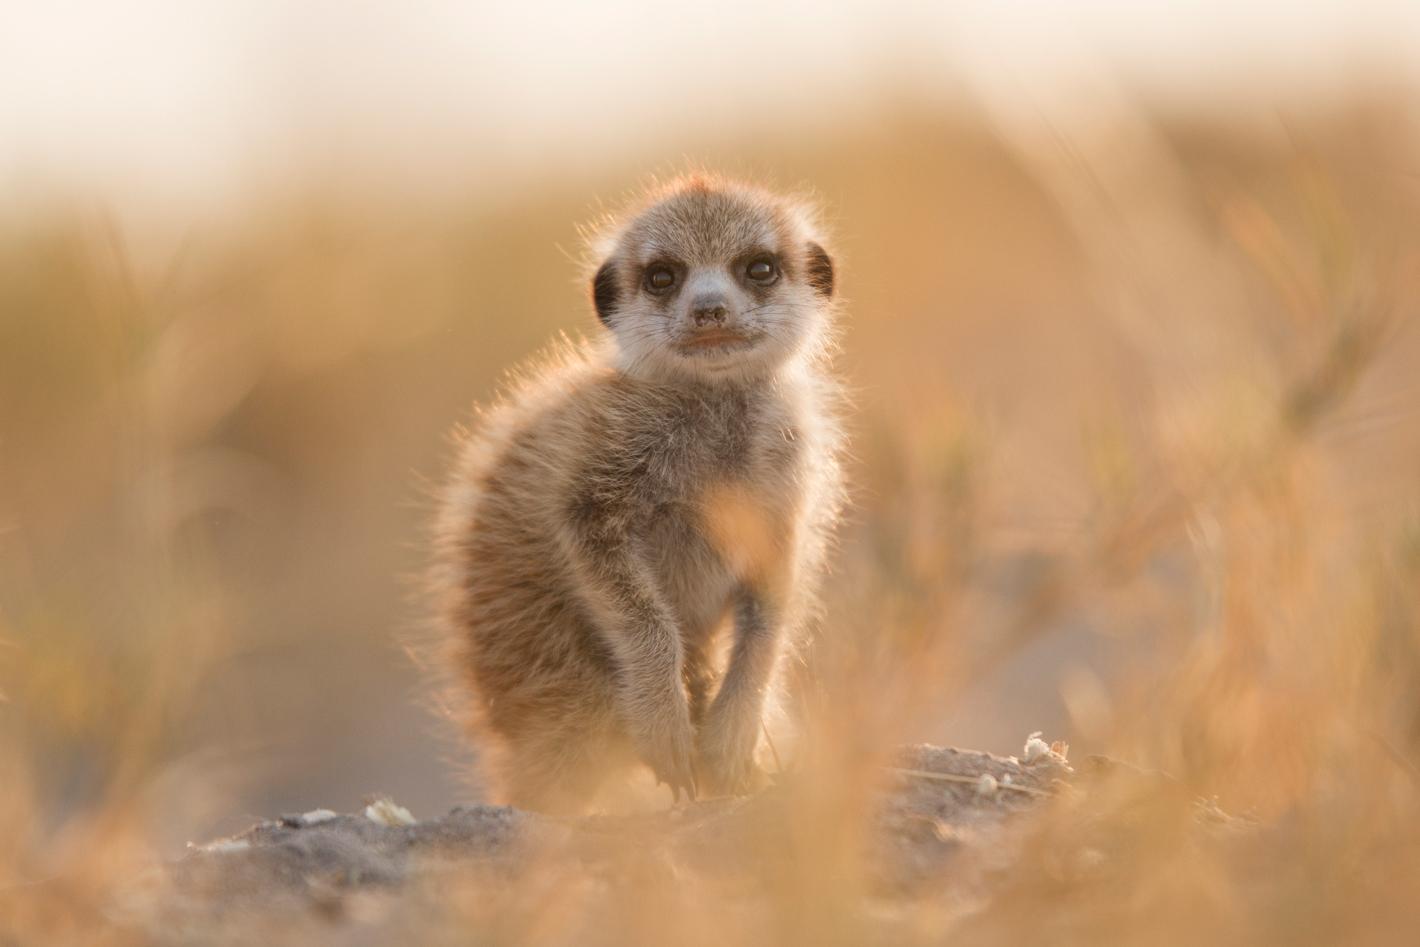 bab meerkat close-up